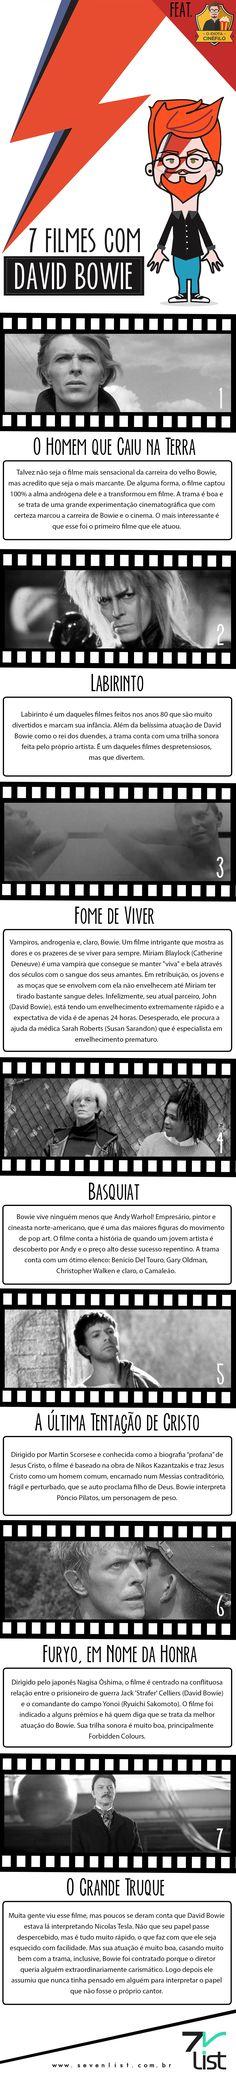 Hoje é dia de recordar, recordar um pouco da história de um dos maiores artistas que o mundo já viu. Confira 7 filmes com David Bowie. #SevenList #OIdiotacinefilo #Blog #Brasil #DavidBowie #Musica #Cinema #Film #Filmes #Cine #Recordar #Saudade #Art #Infografico #Homenagem #Movie #Music #Culture